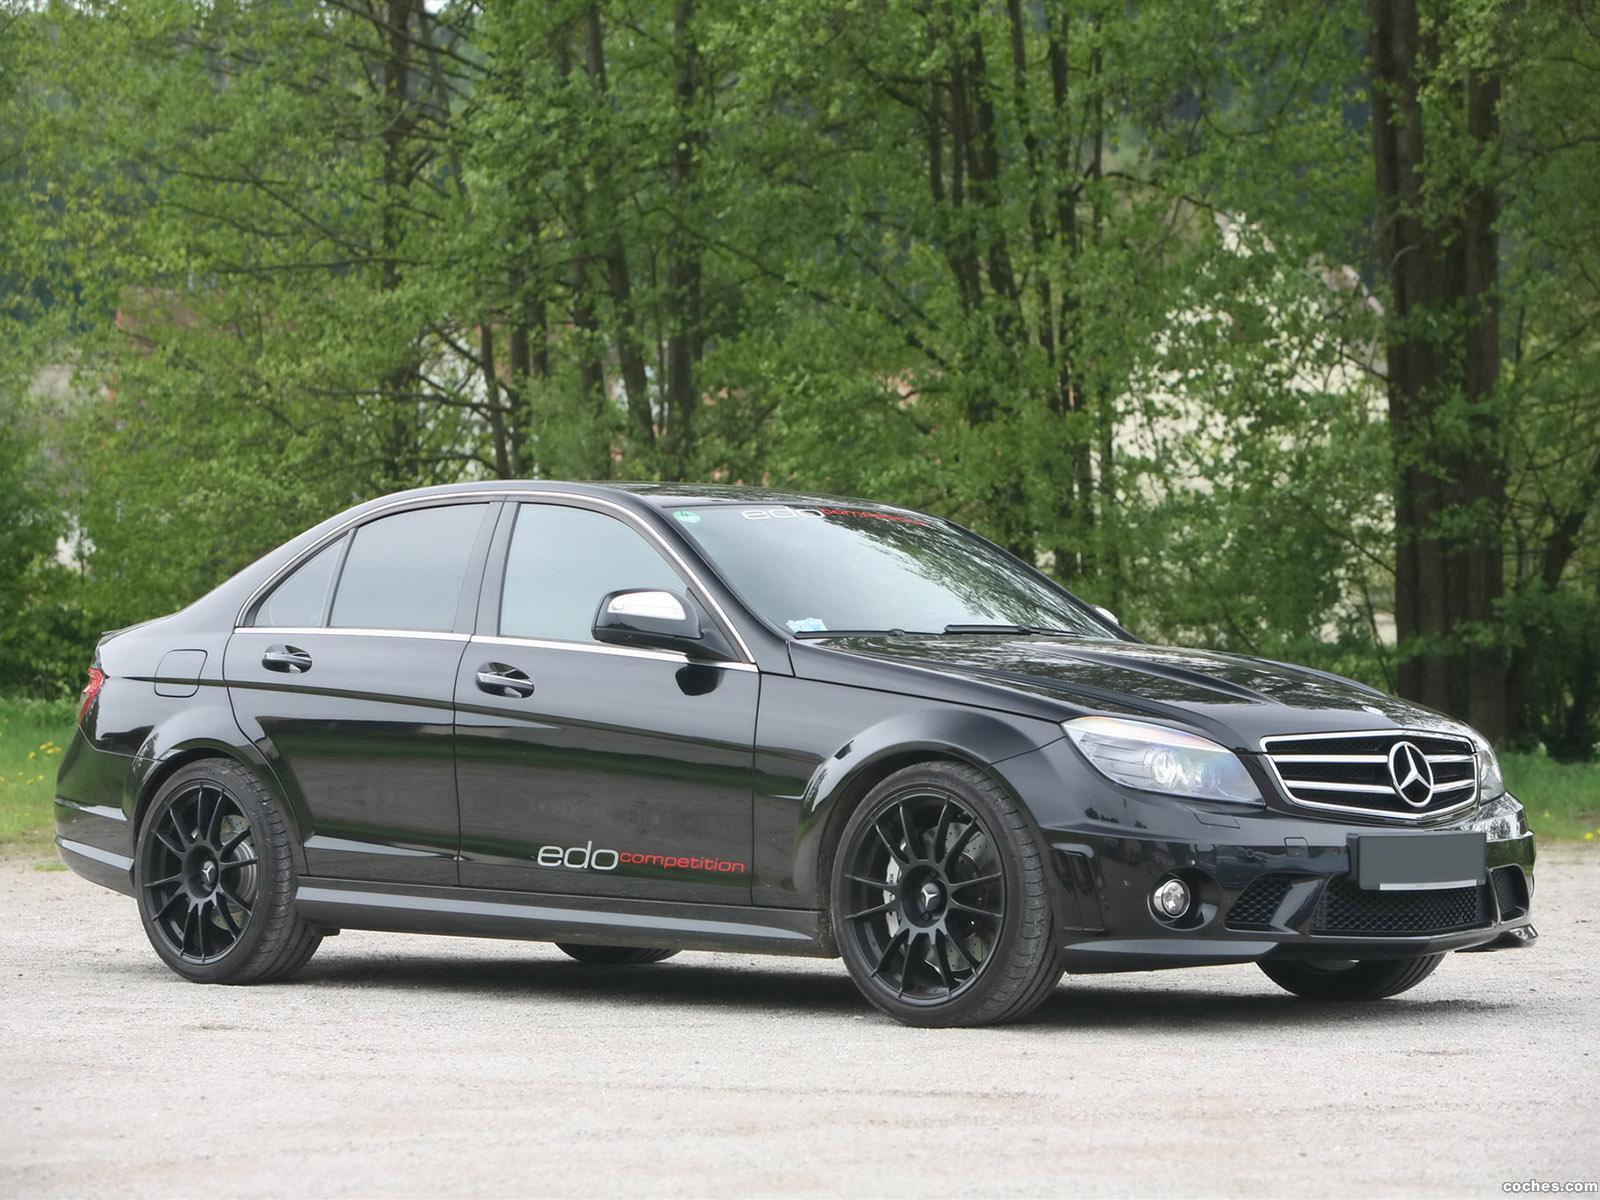 Foto 0 de Mercedes Edo C63 AMG 2009